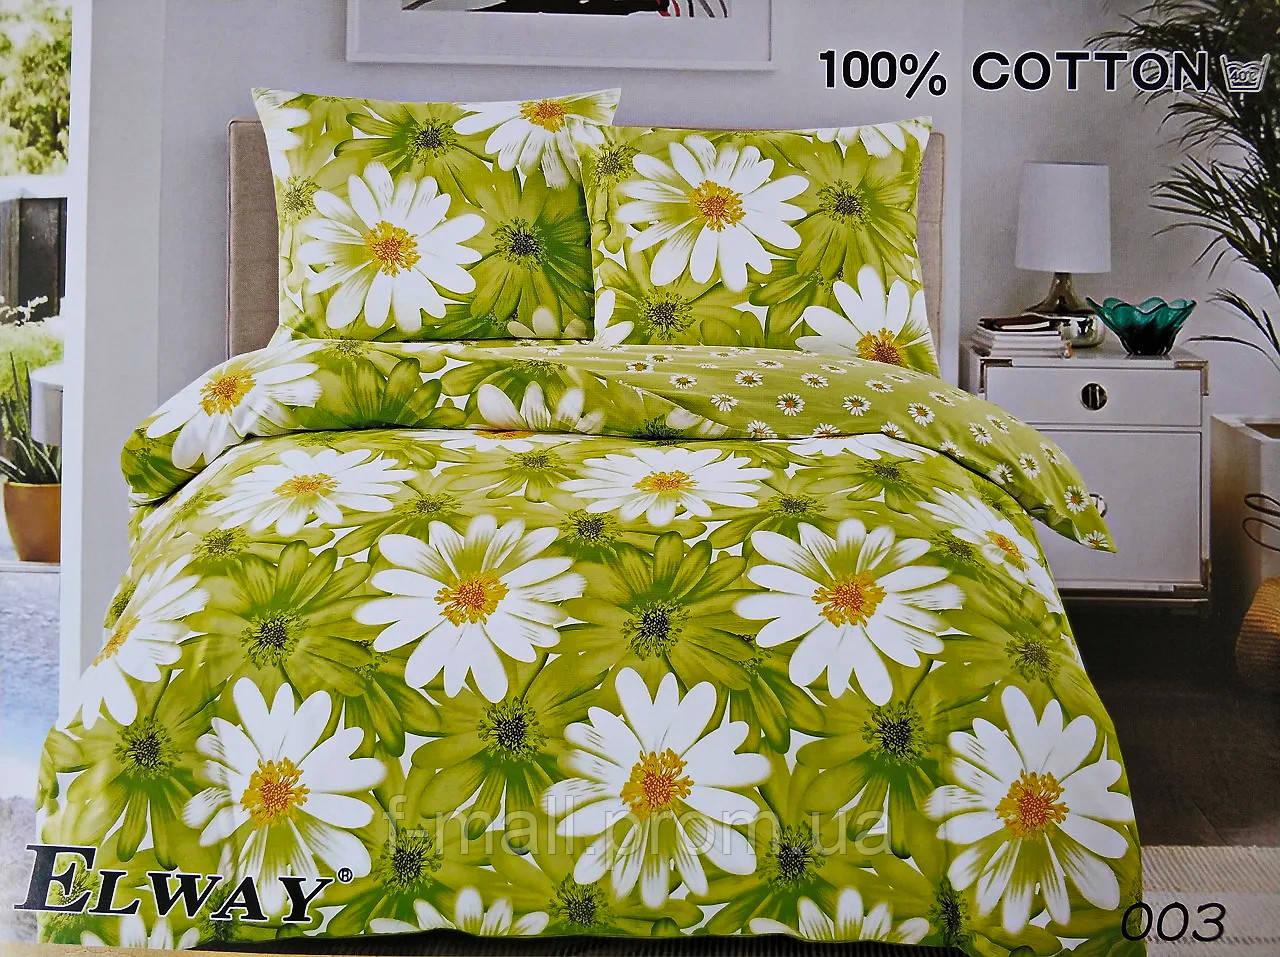 Комплект постельного белья ELWAY (Польша) Сатин евро (003)